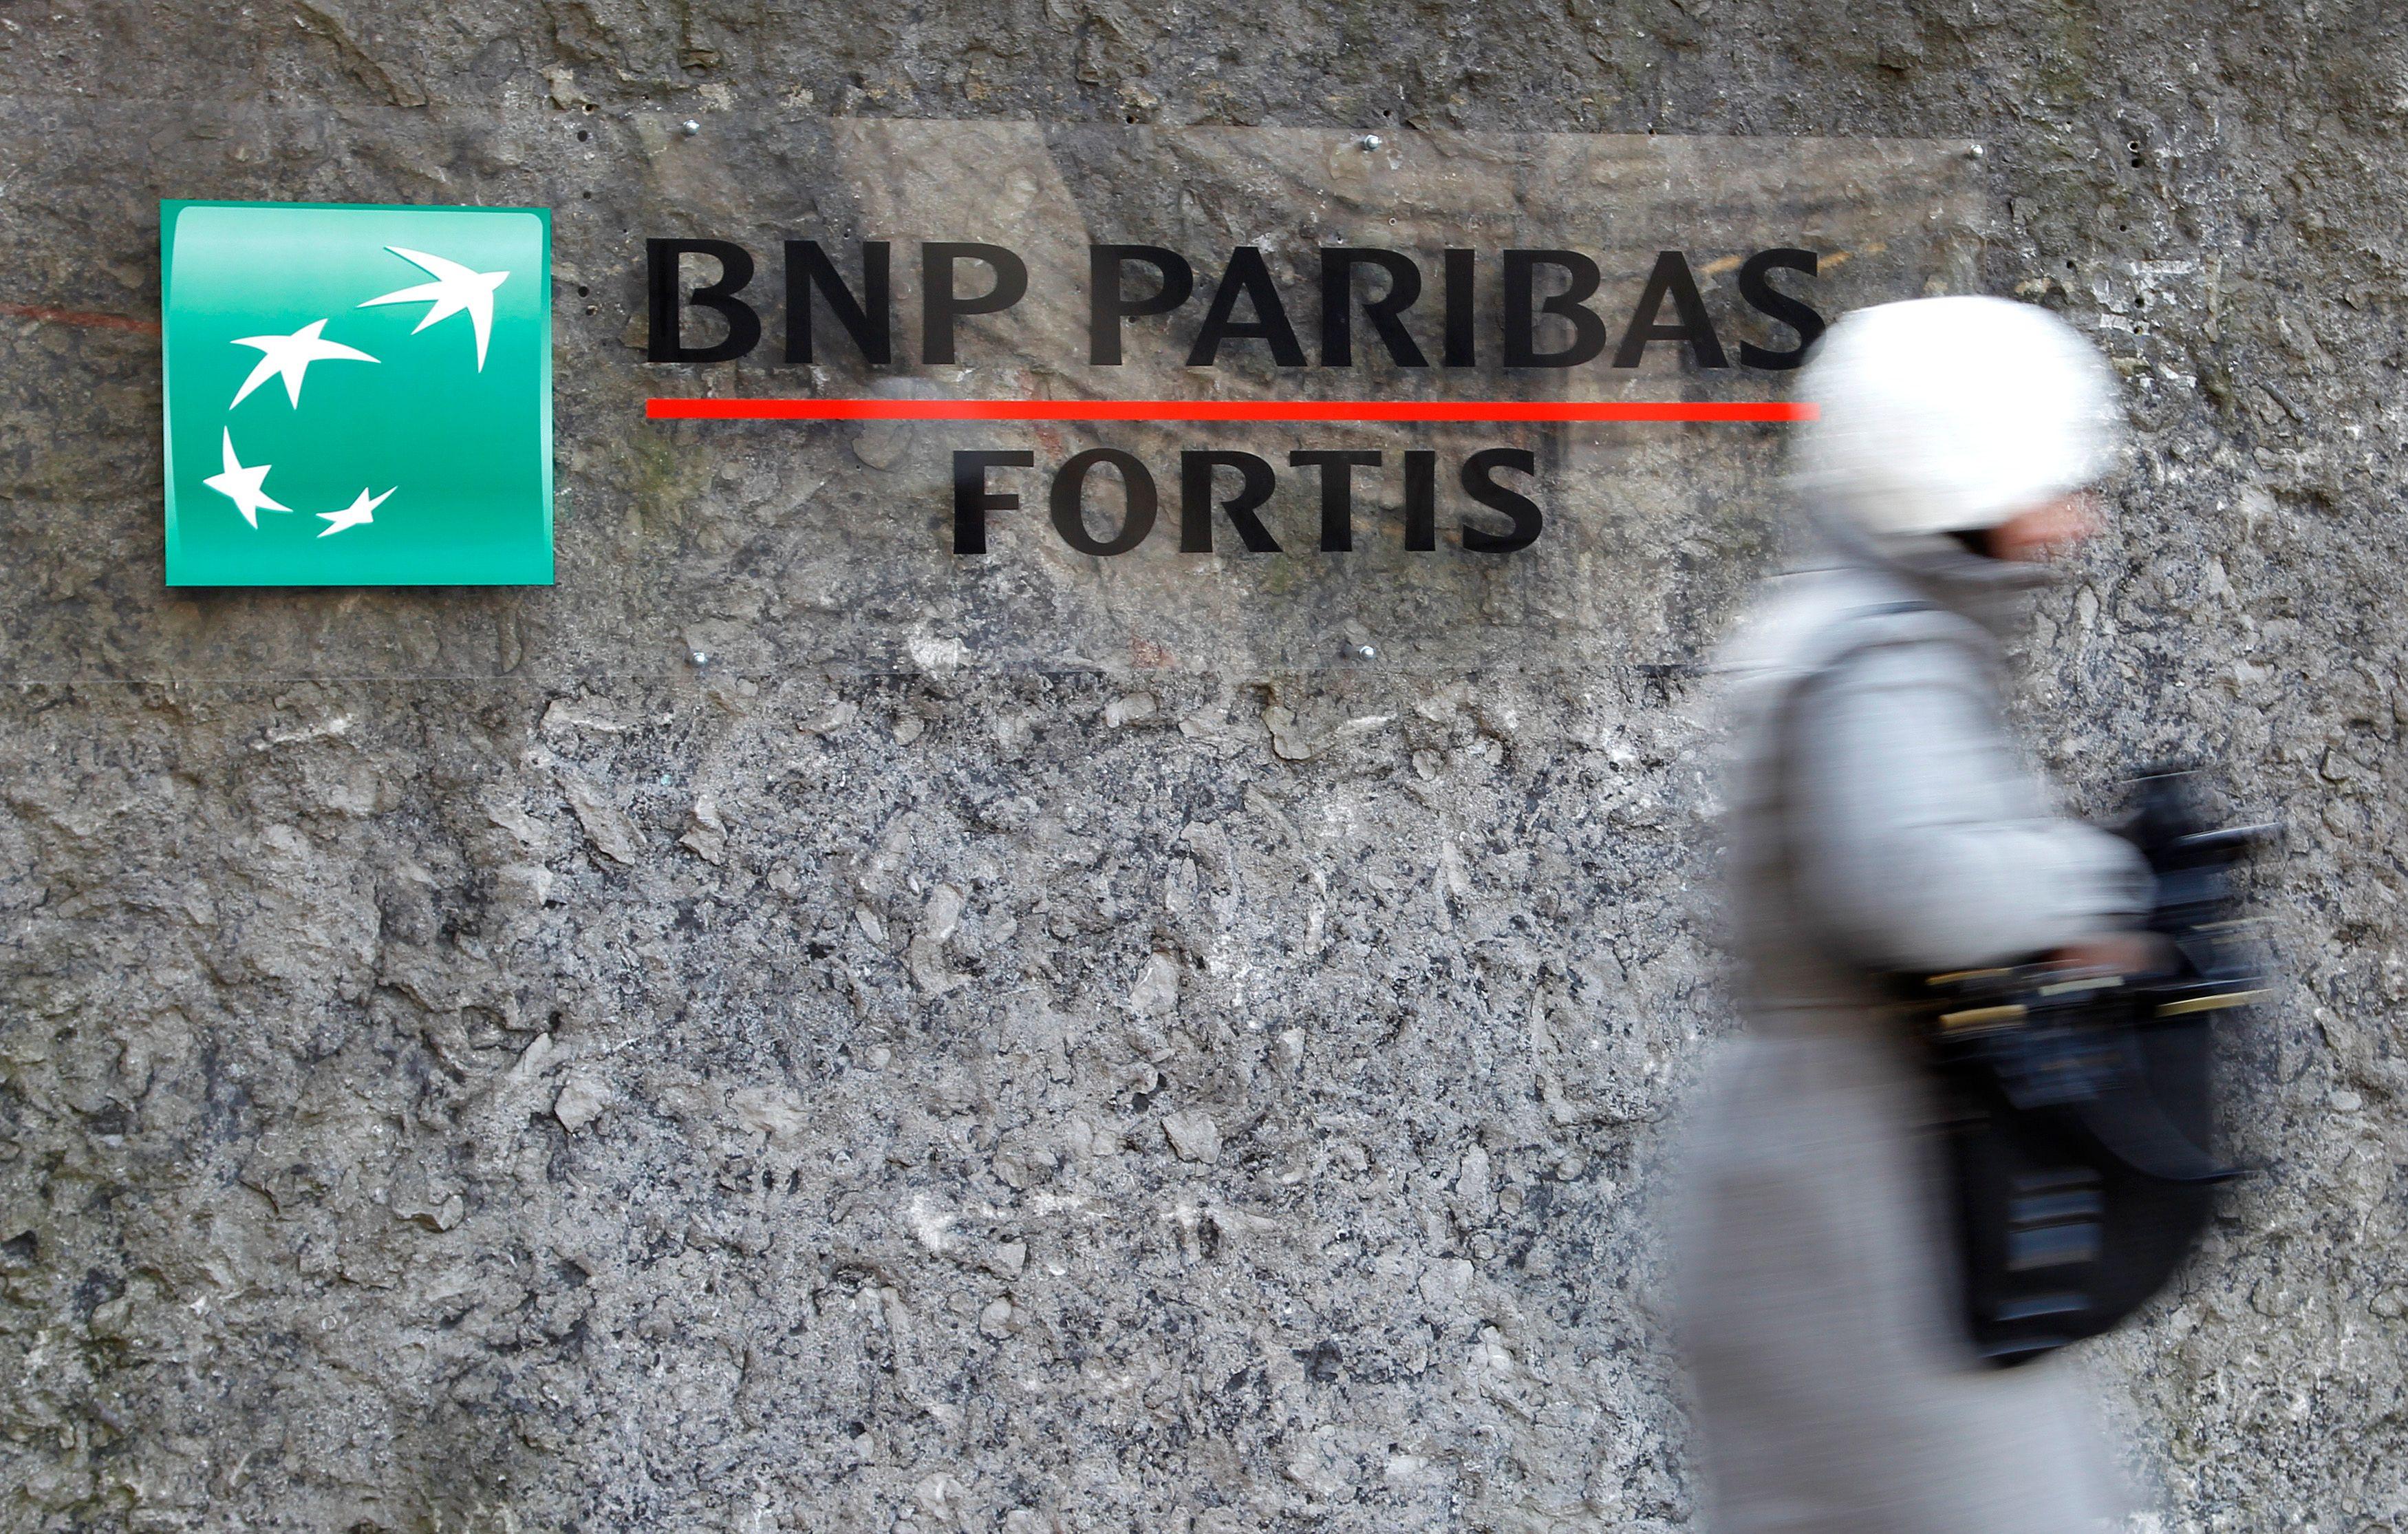 BNP Paribas : des résultats 2013 en forte baisse, la banque pénalisée par une enquête des autorités américaines